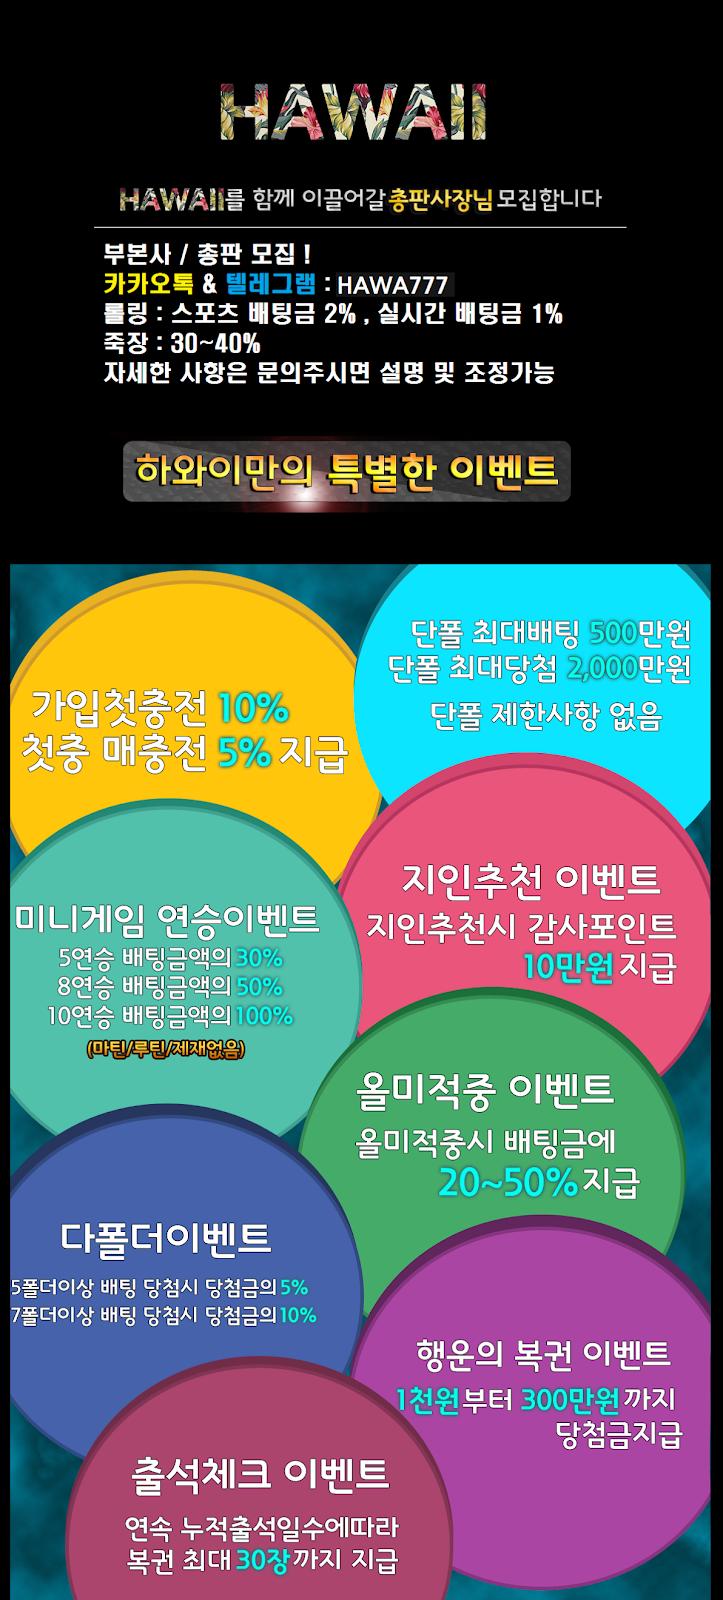 %25EA%25B5%25AC%25EC%259D%25B8%25EA%25B5